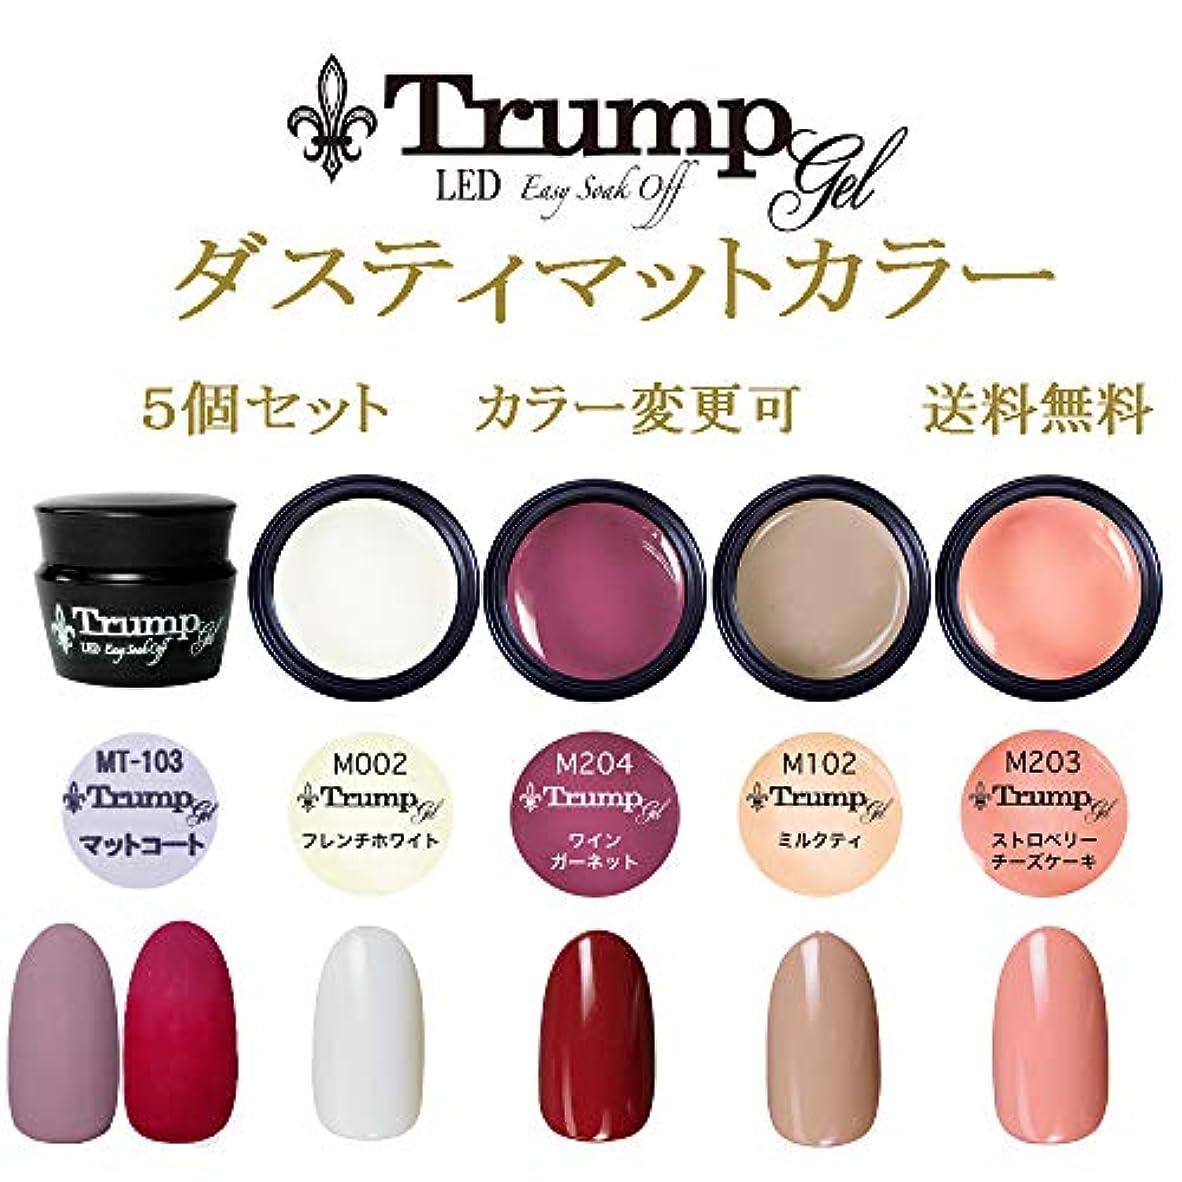 土地過剰パーティー【送料無料】日本製 Trump gel トランプジェル ダスティマット カラージェル 5個セット 魅惑のフロストマットトップとマットに合う人気カラーをチョイス